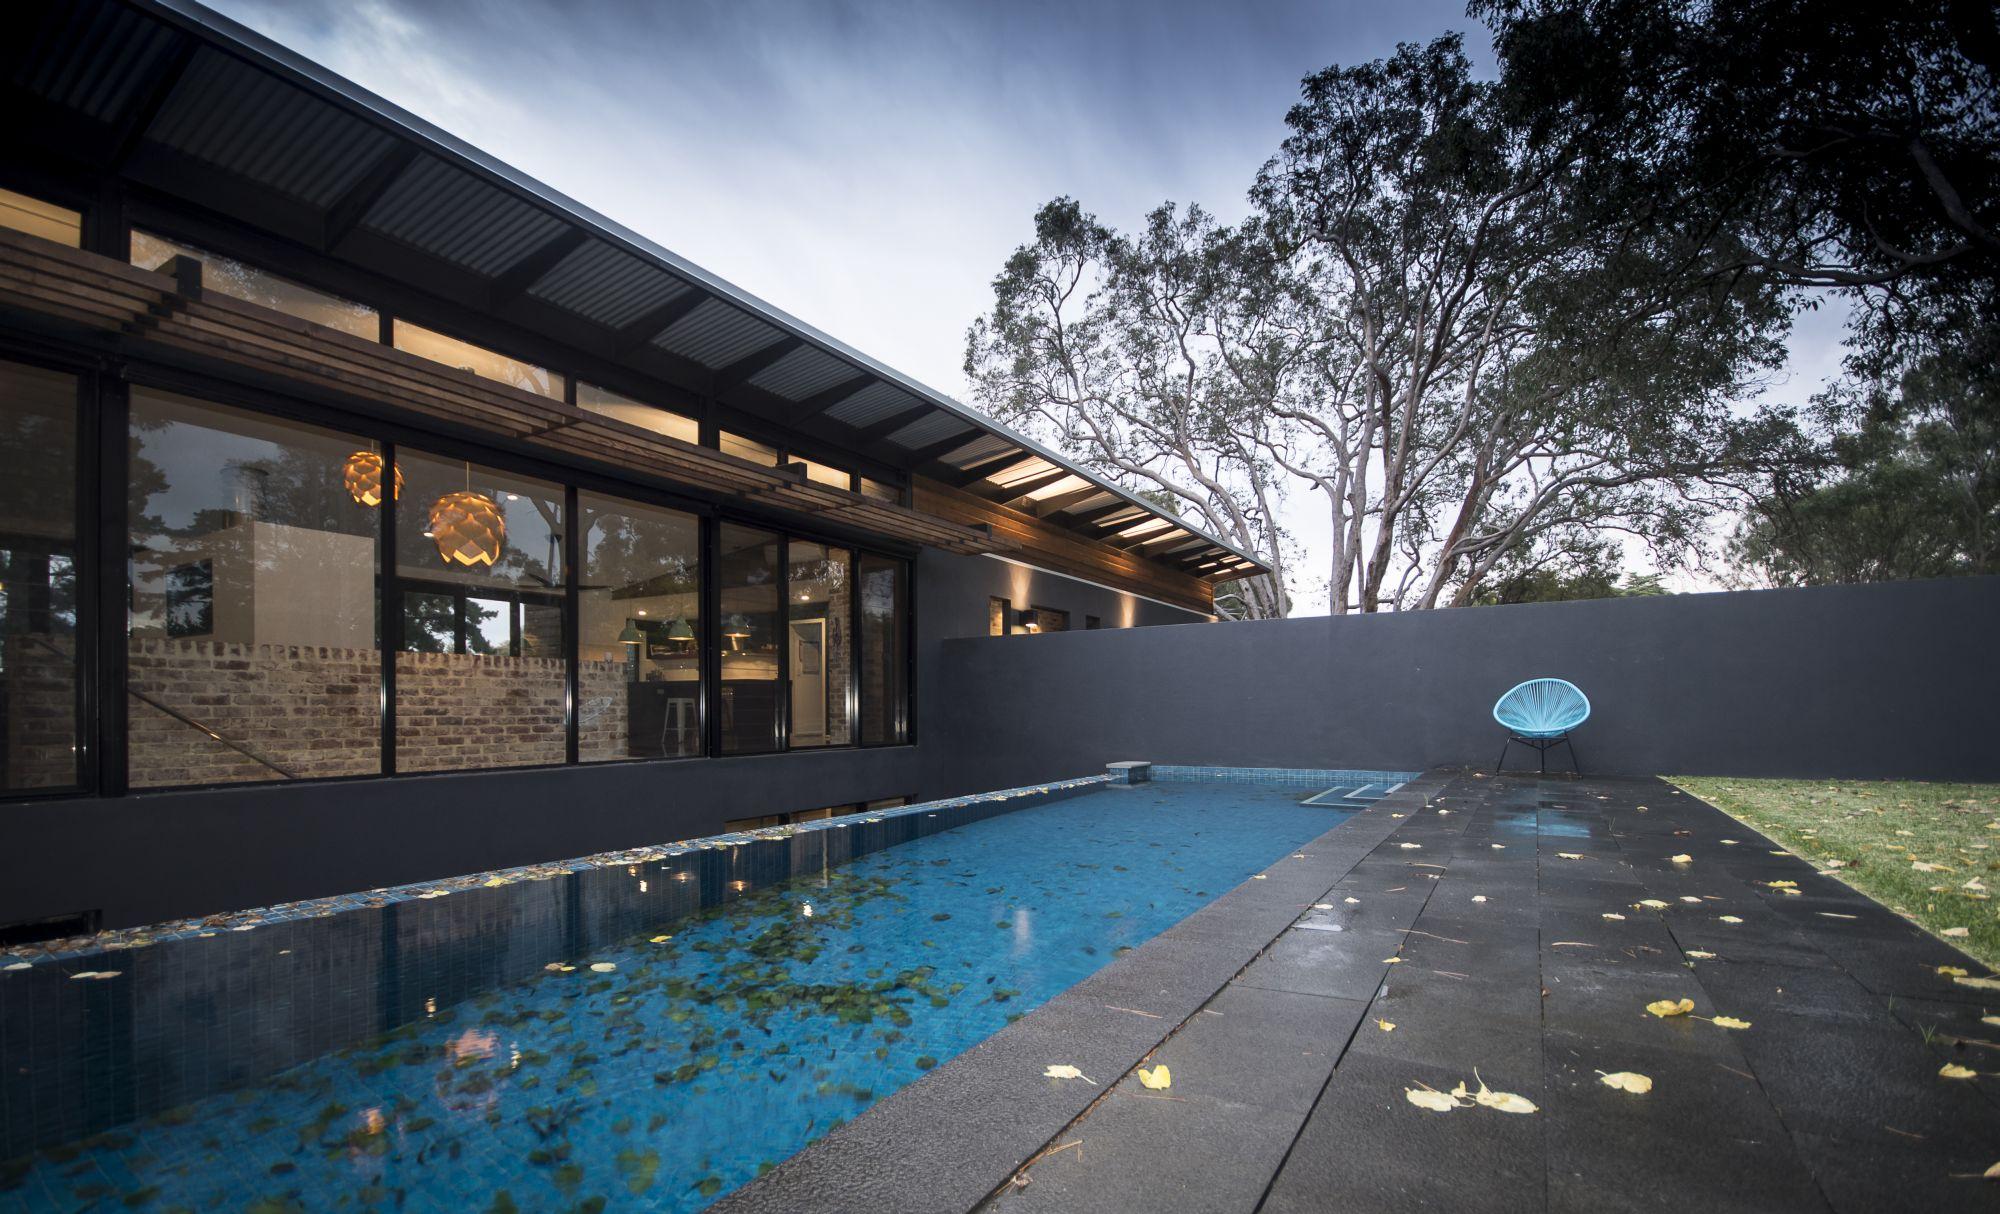 Lap pool with infinity edge